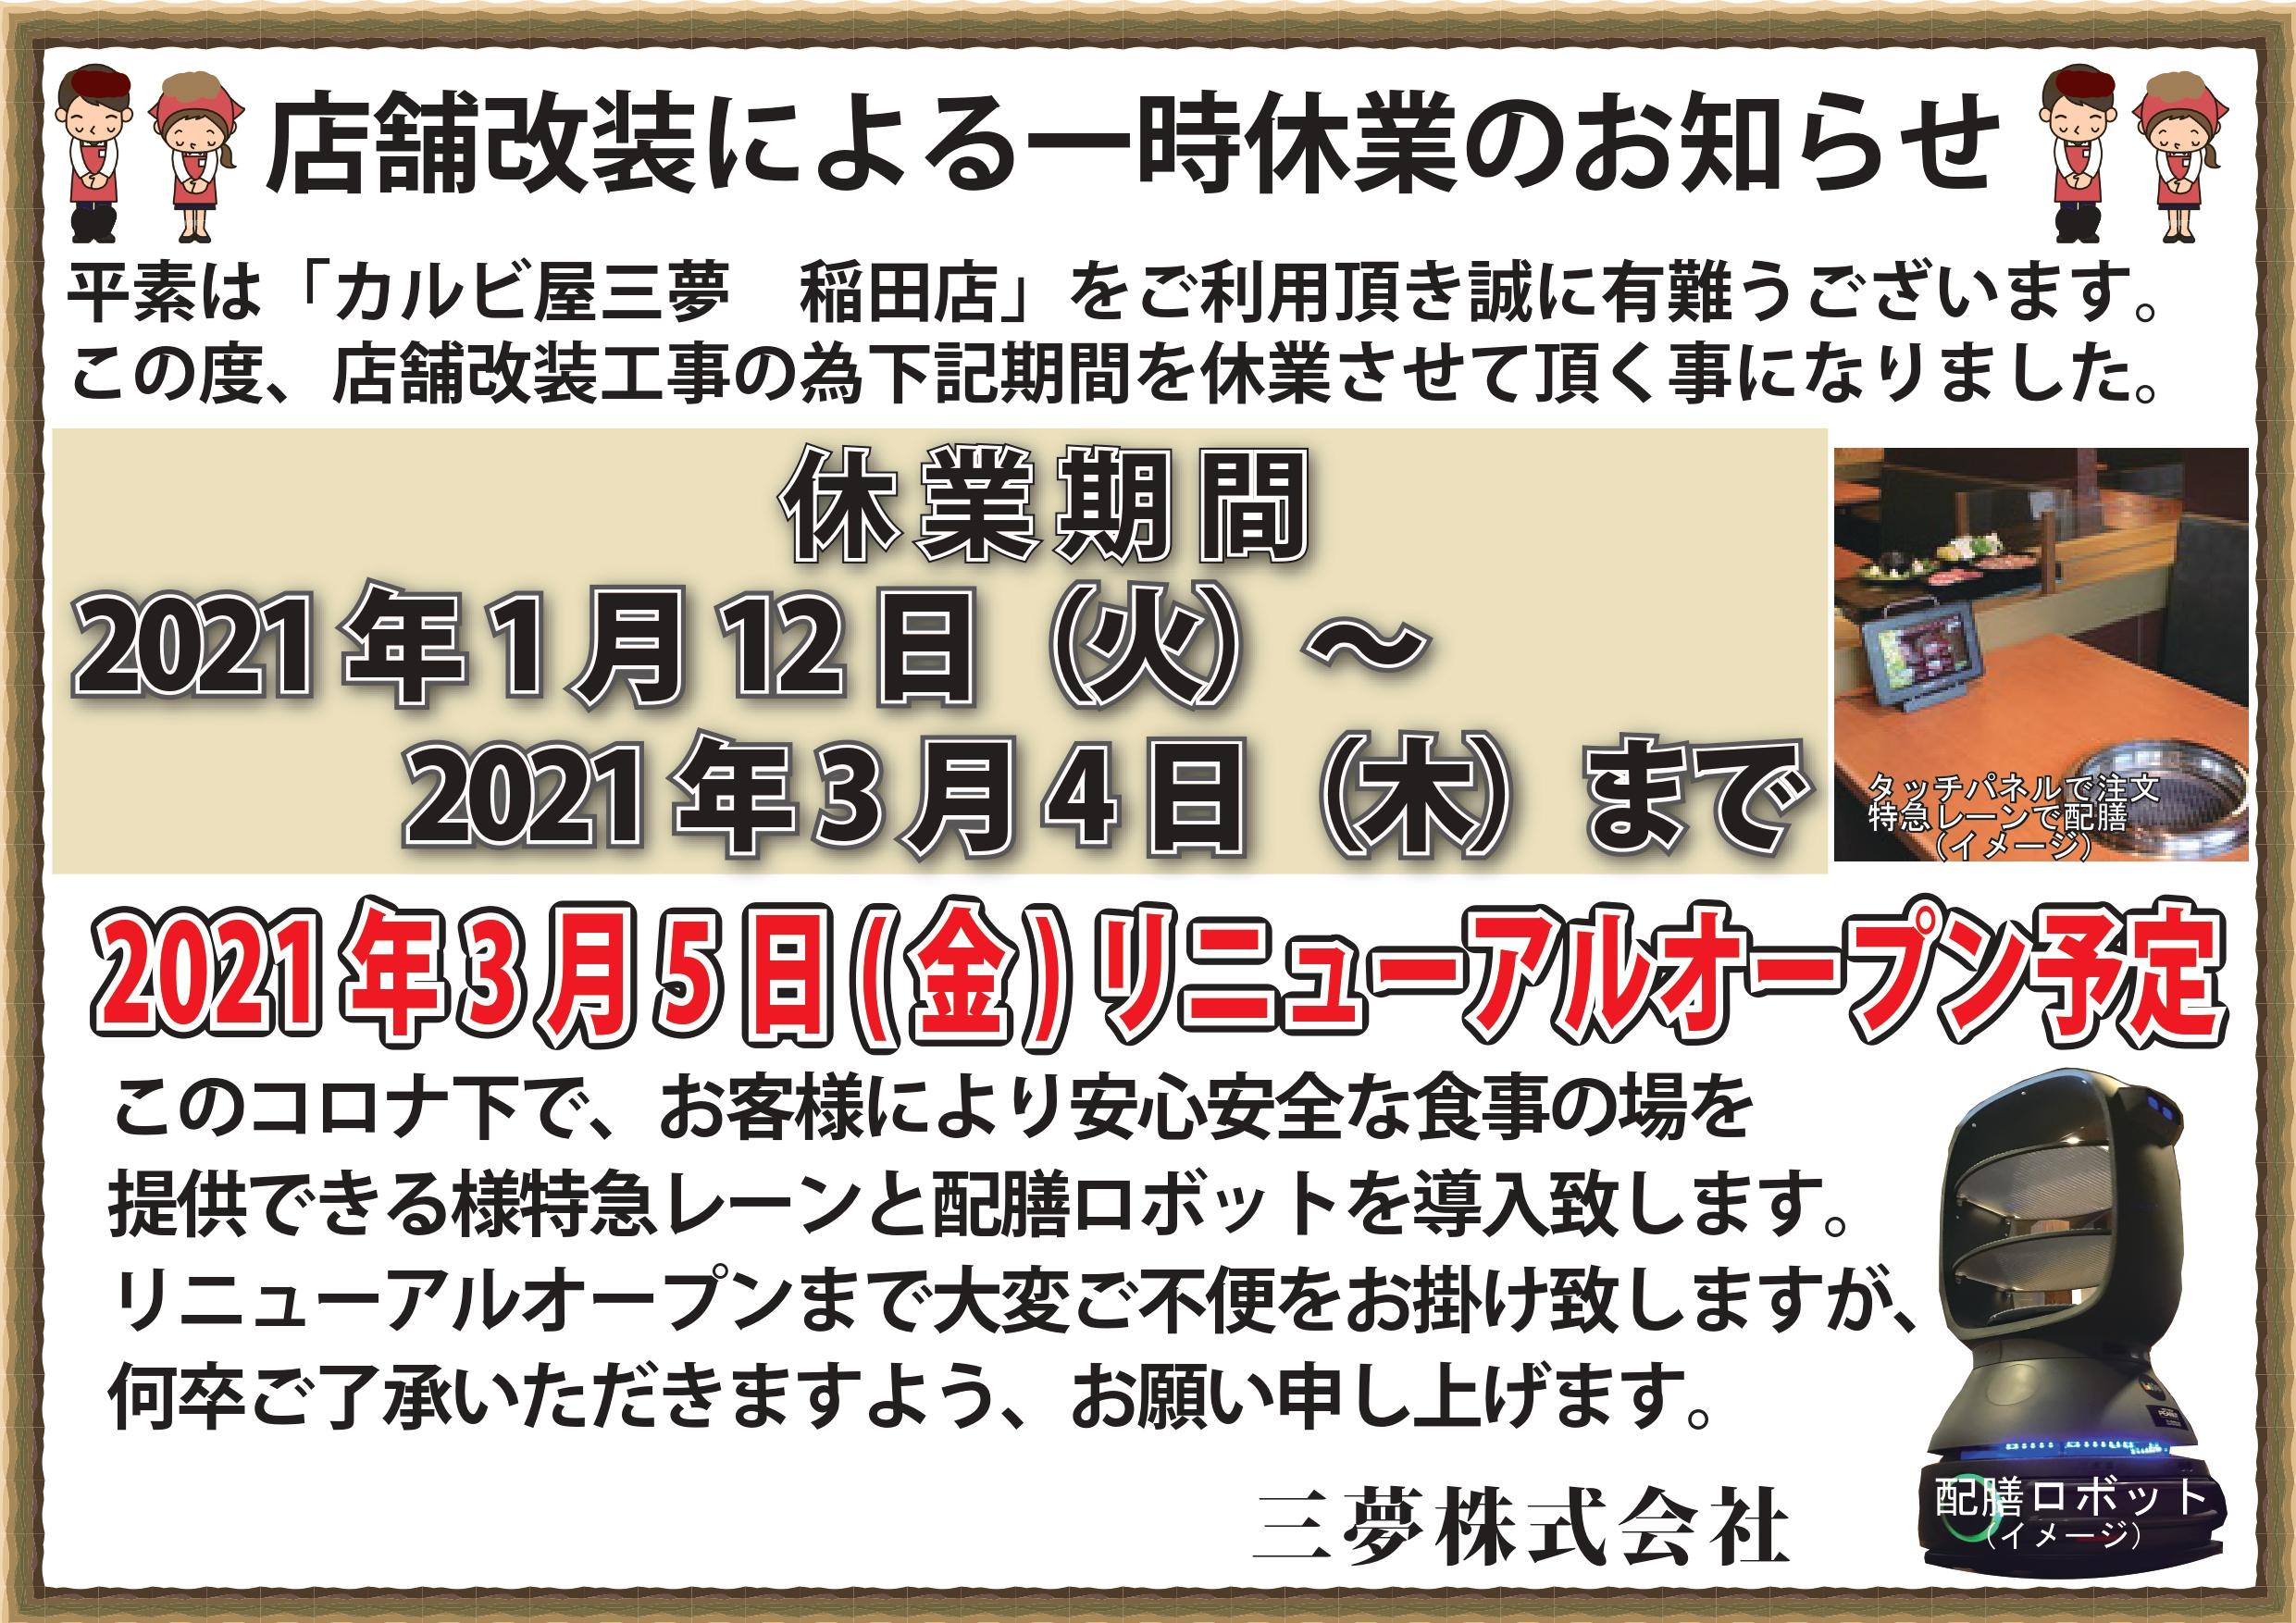 カルビ屋三夢稲田店店舗改装による一時休業のお知らせ